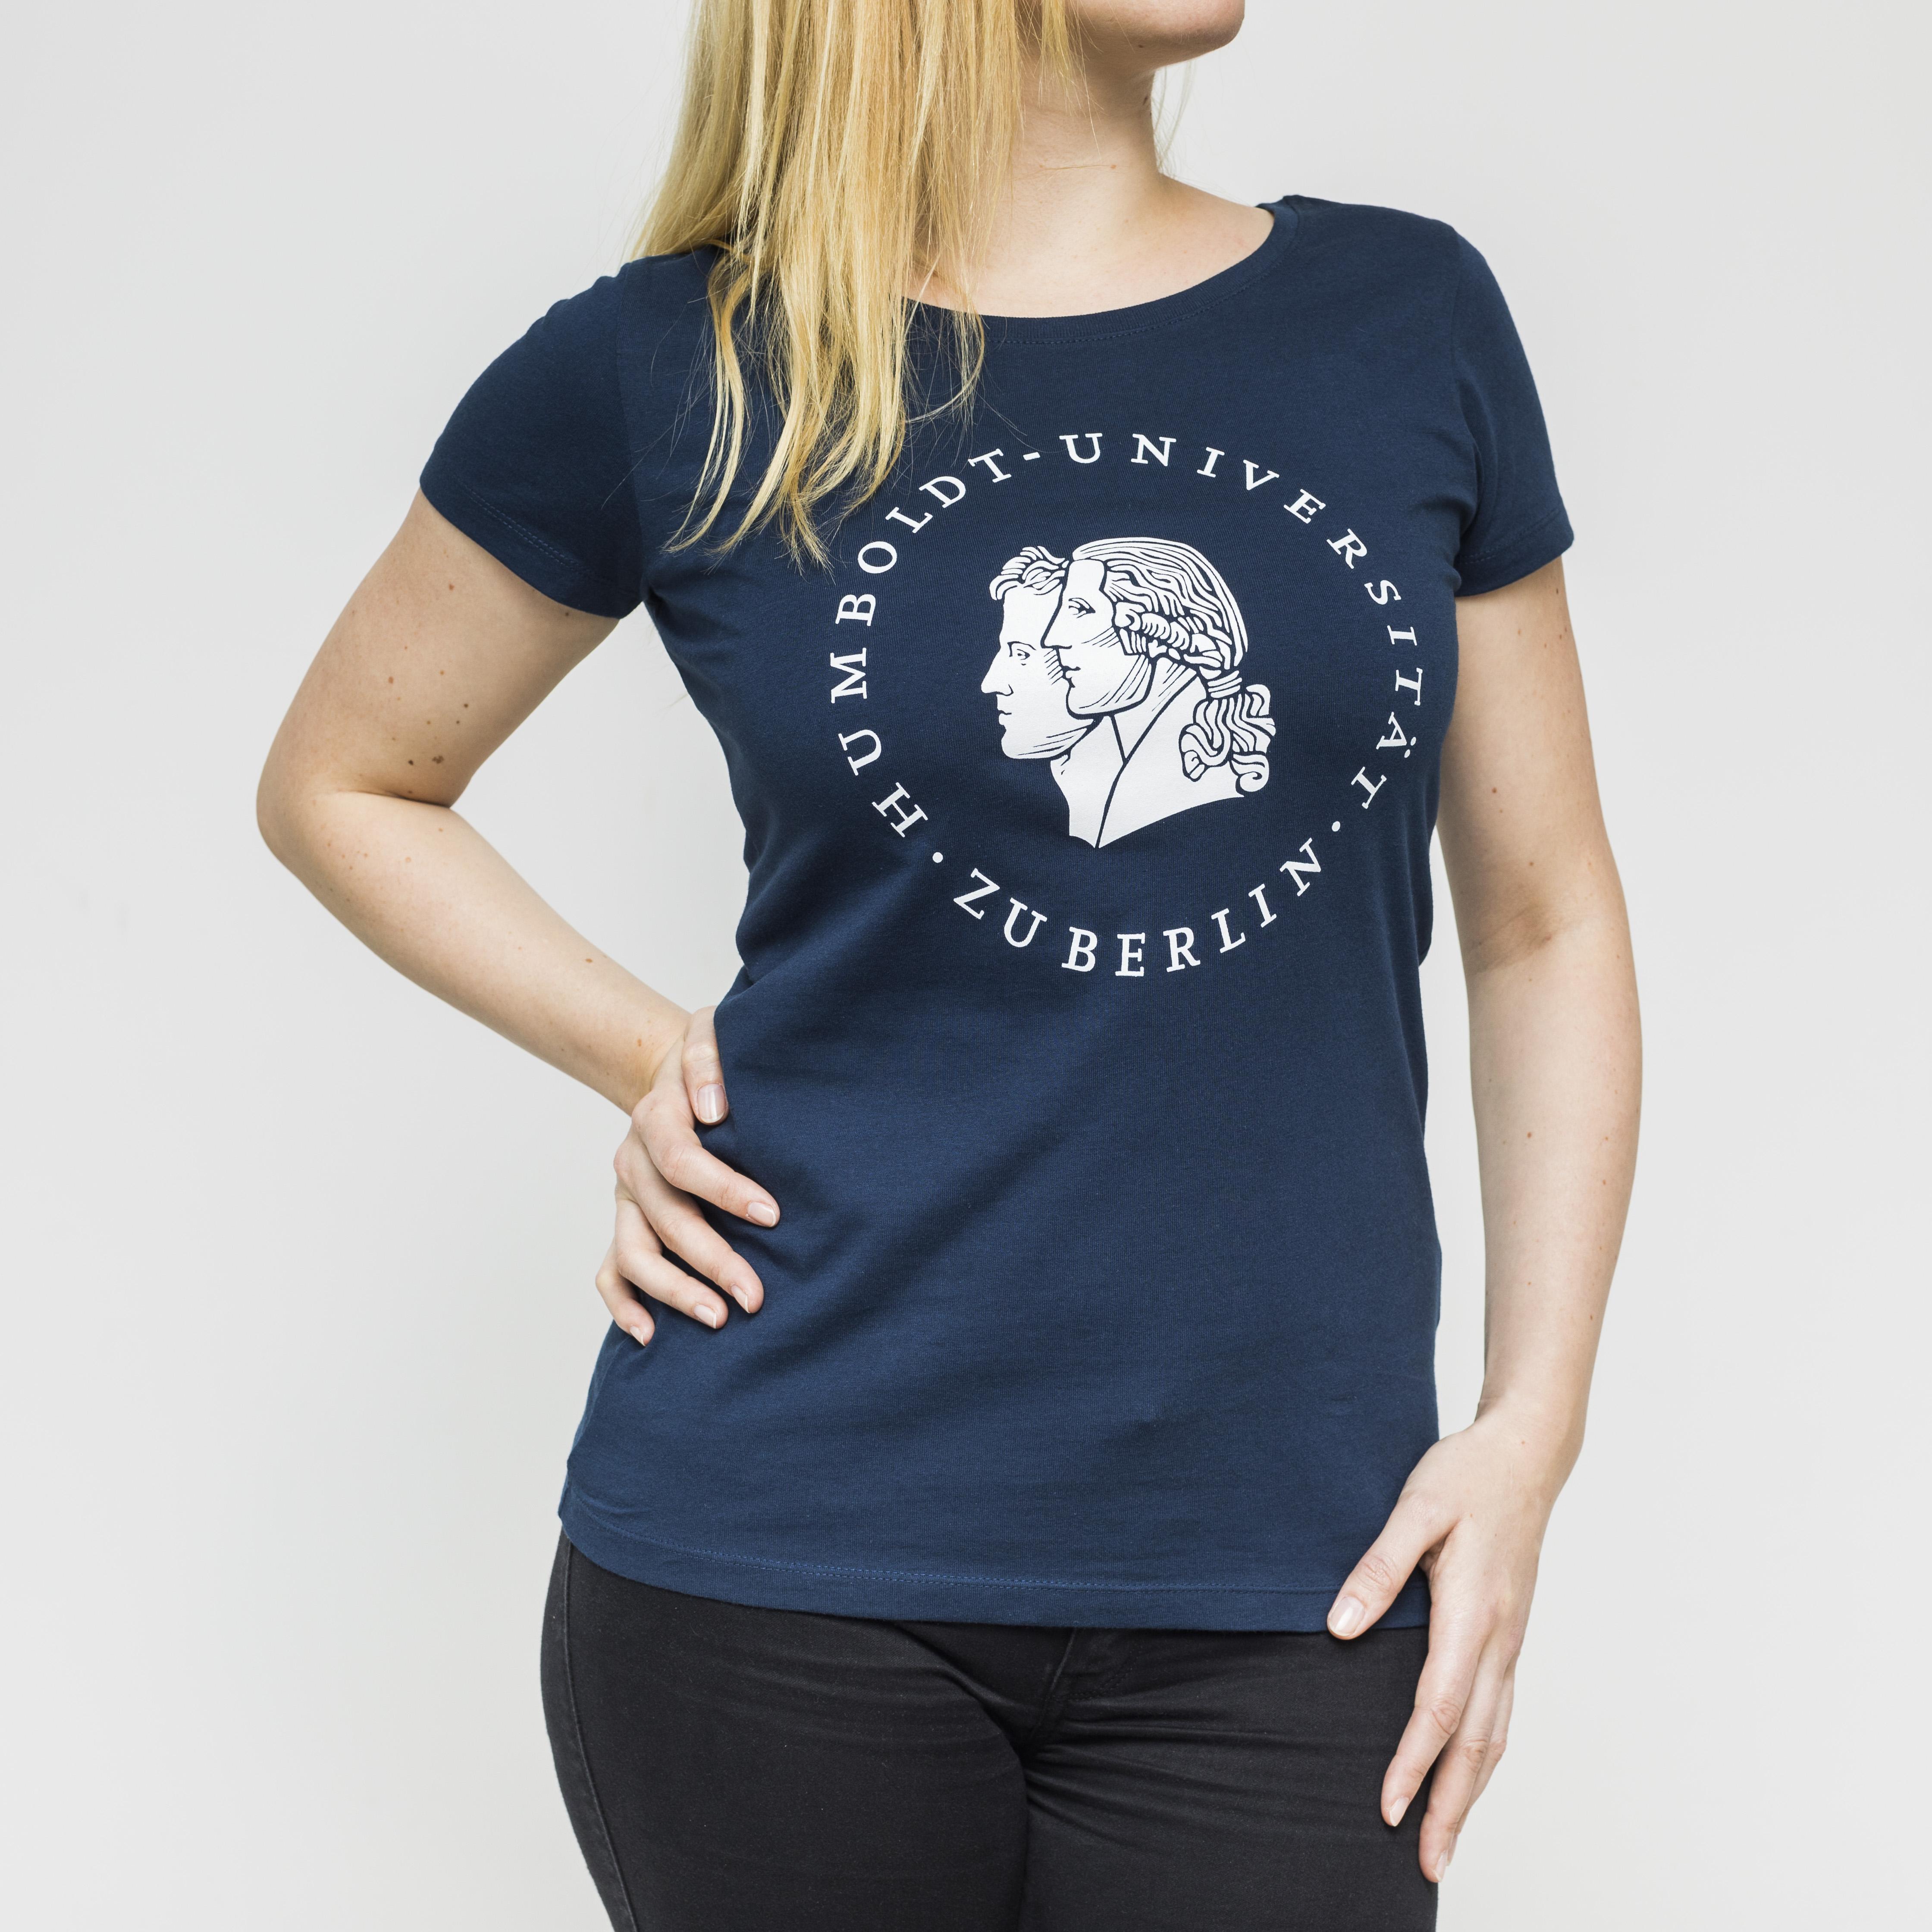 9b8ddbc2223733 Damen-T-Shirt Siegel mit weißem Druck